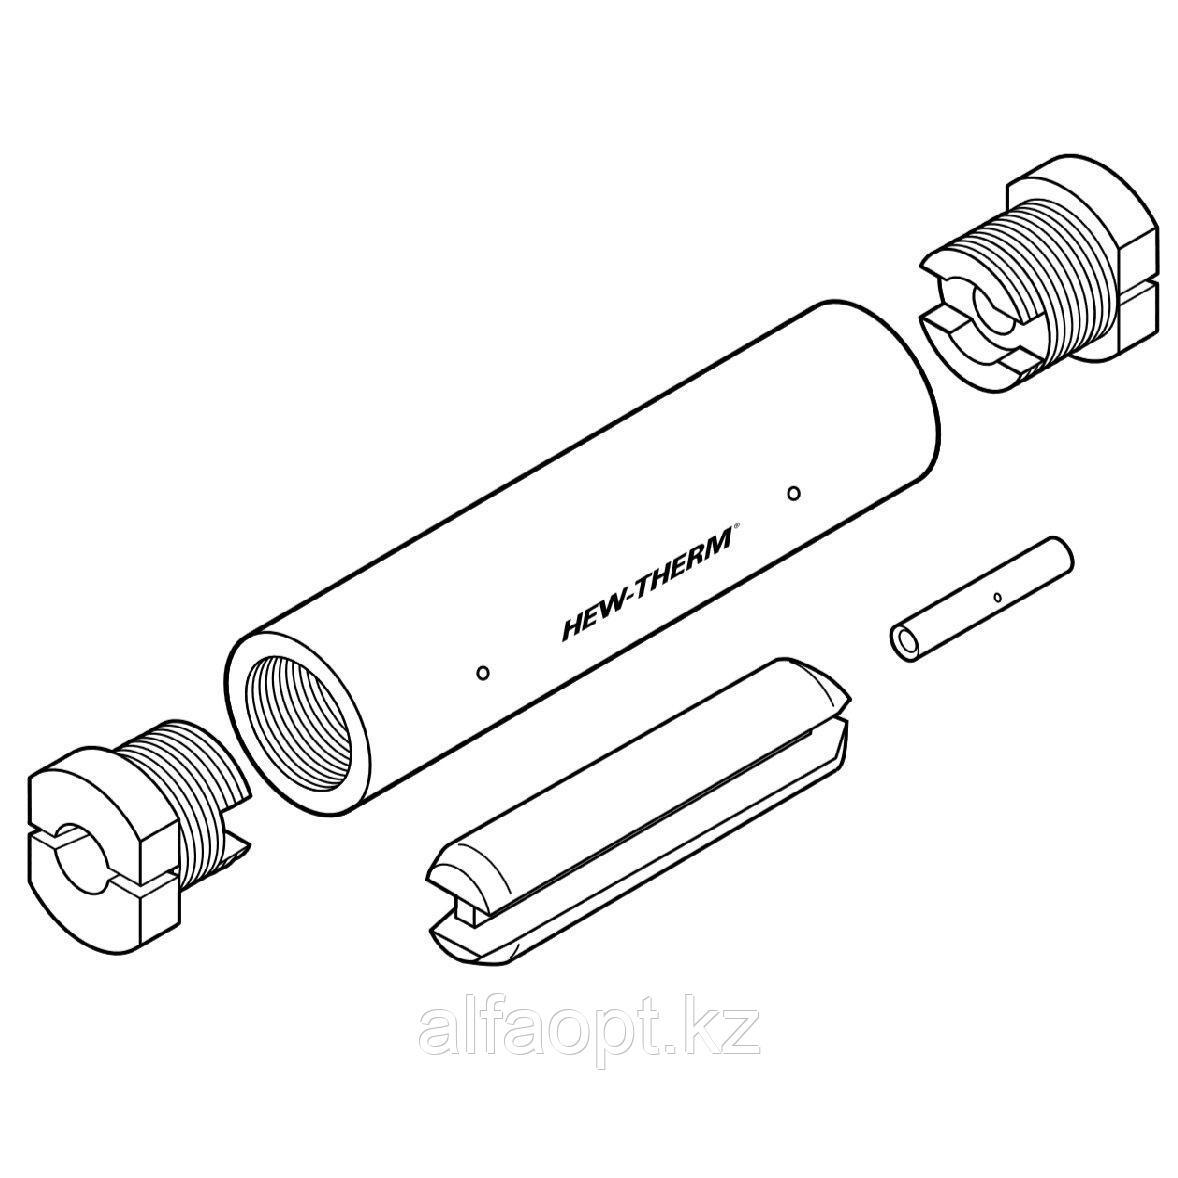 Набор для сращивания греющего кабеля CS-150-25-PI